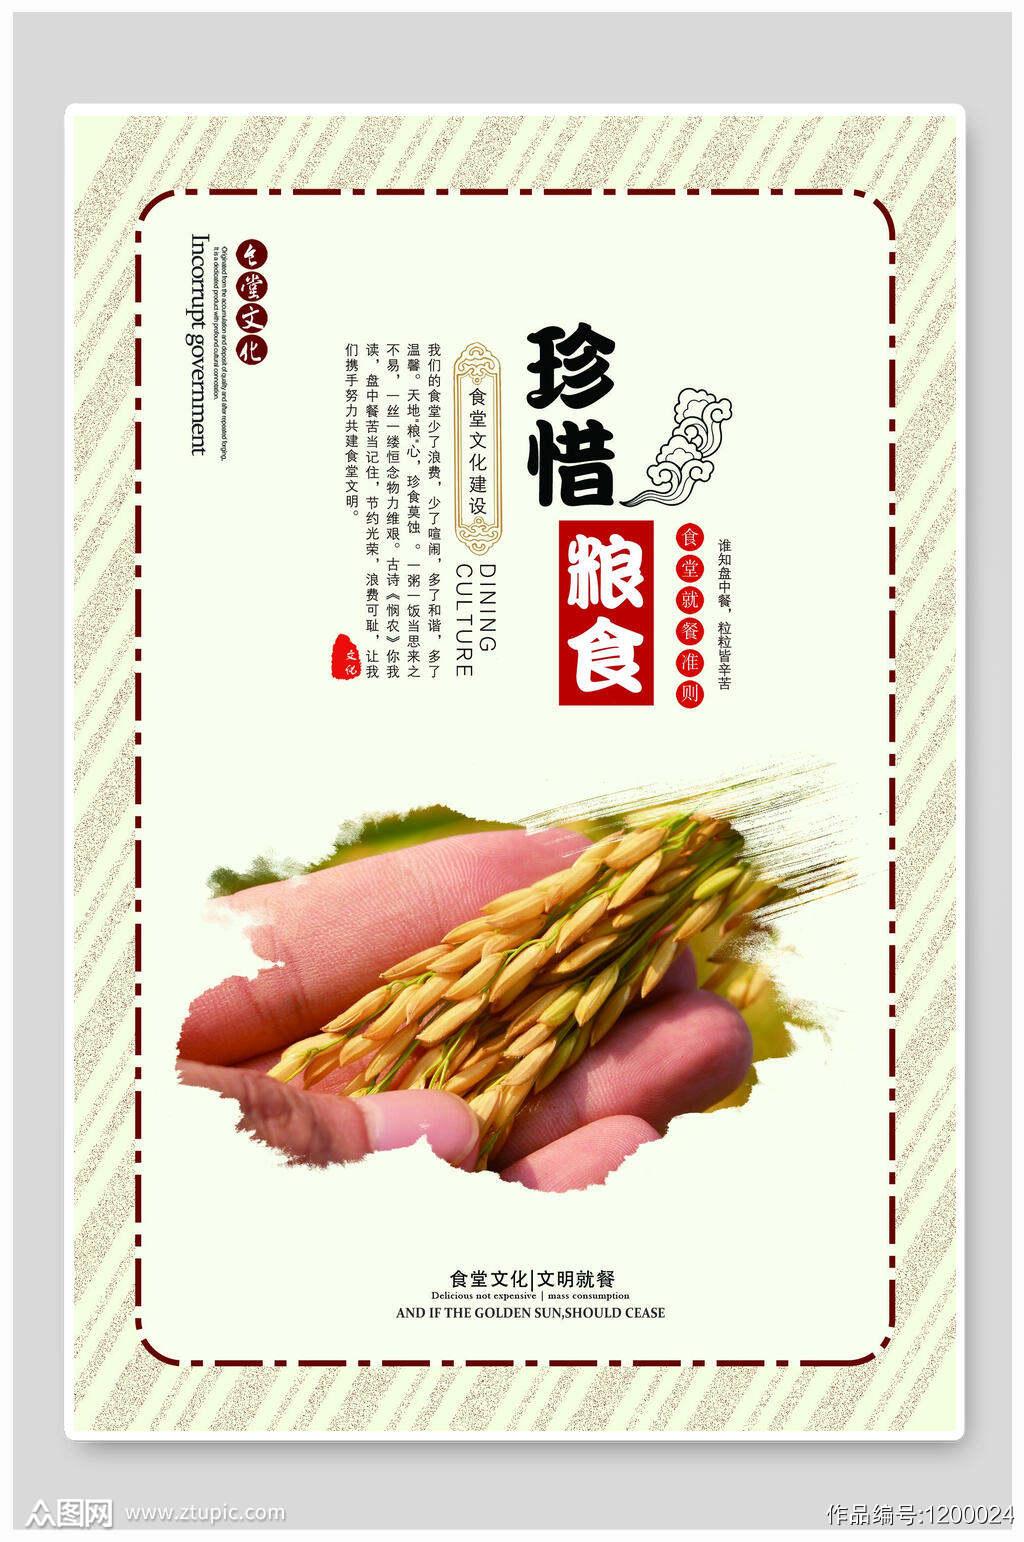 中国风校园食堂文化珍惜粮食挂画设计素材